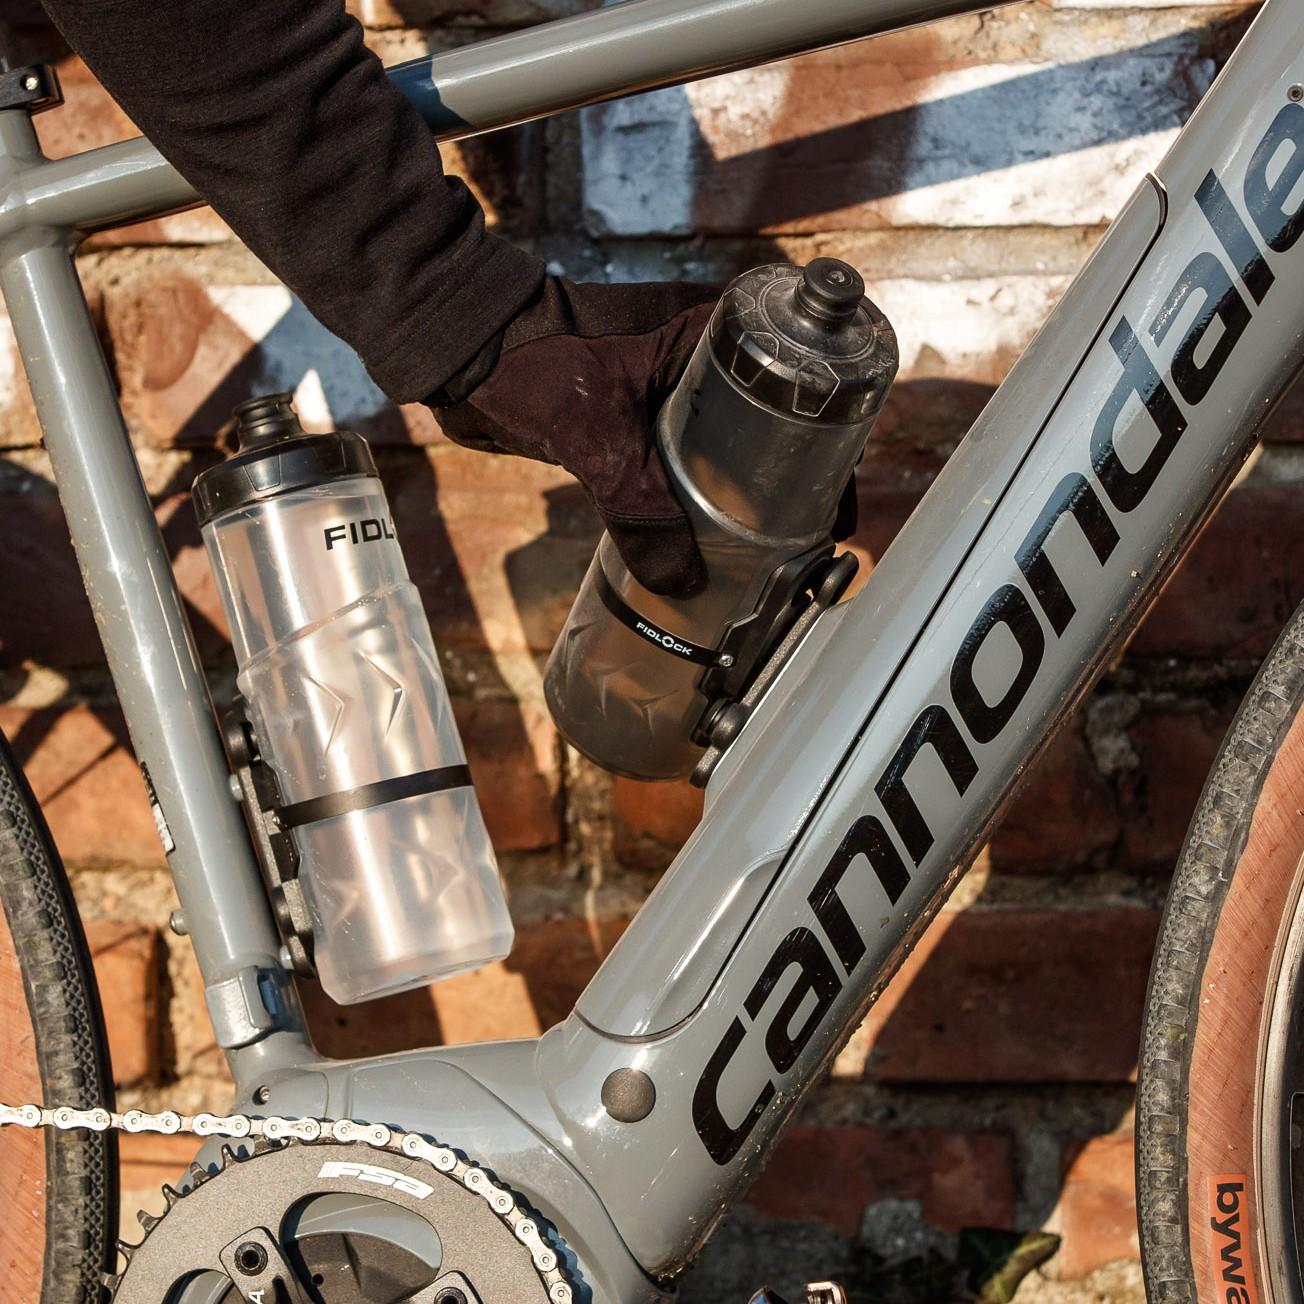 #2 Durch eine Drehbewegung wird die Flasche zur Seite entnommen - so passt sie auch an besonders kleine bzw. enge Fahrradrahmen, bei denen man mit anderen Haltern chancenlos wäre.